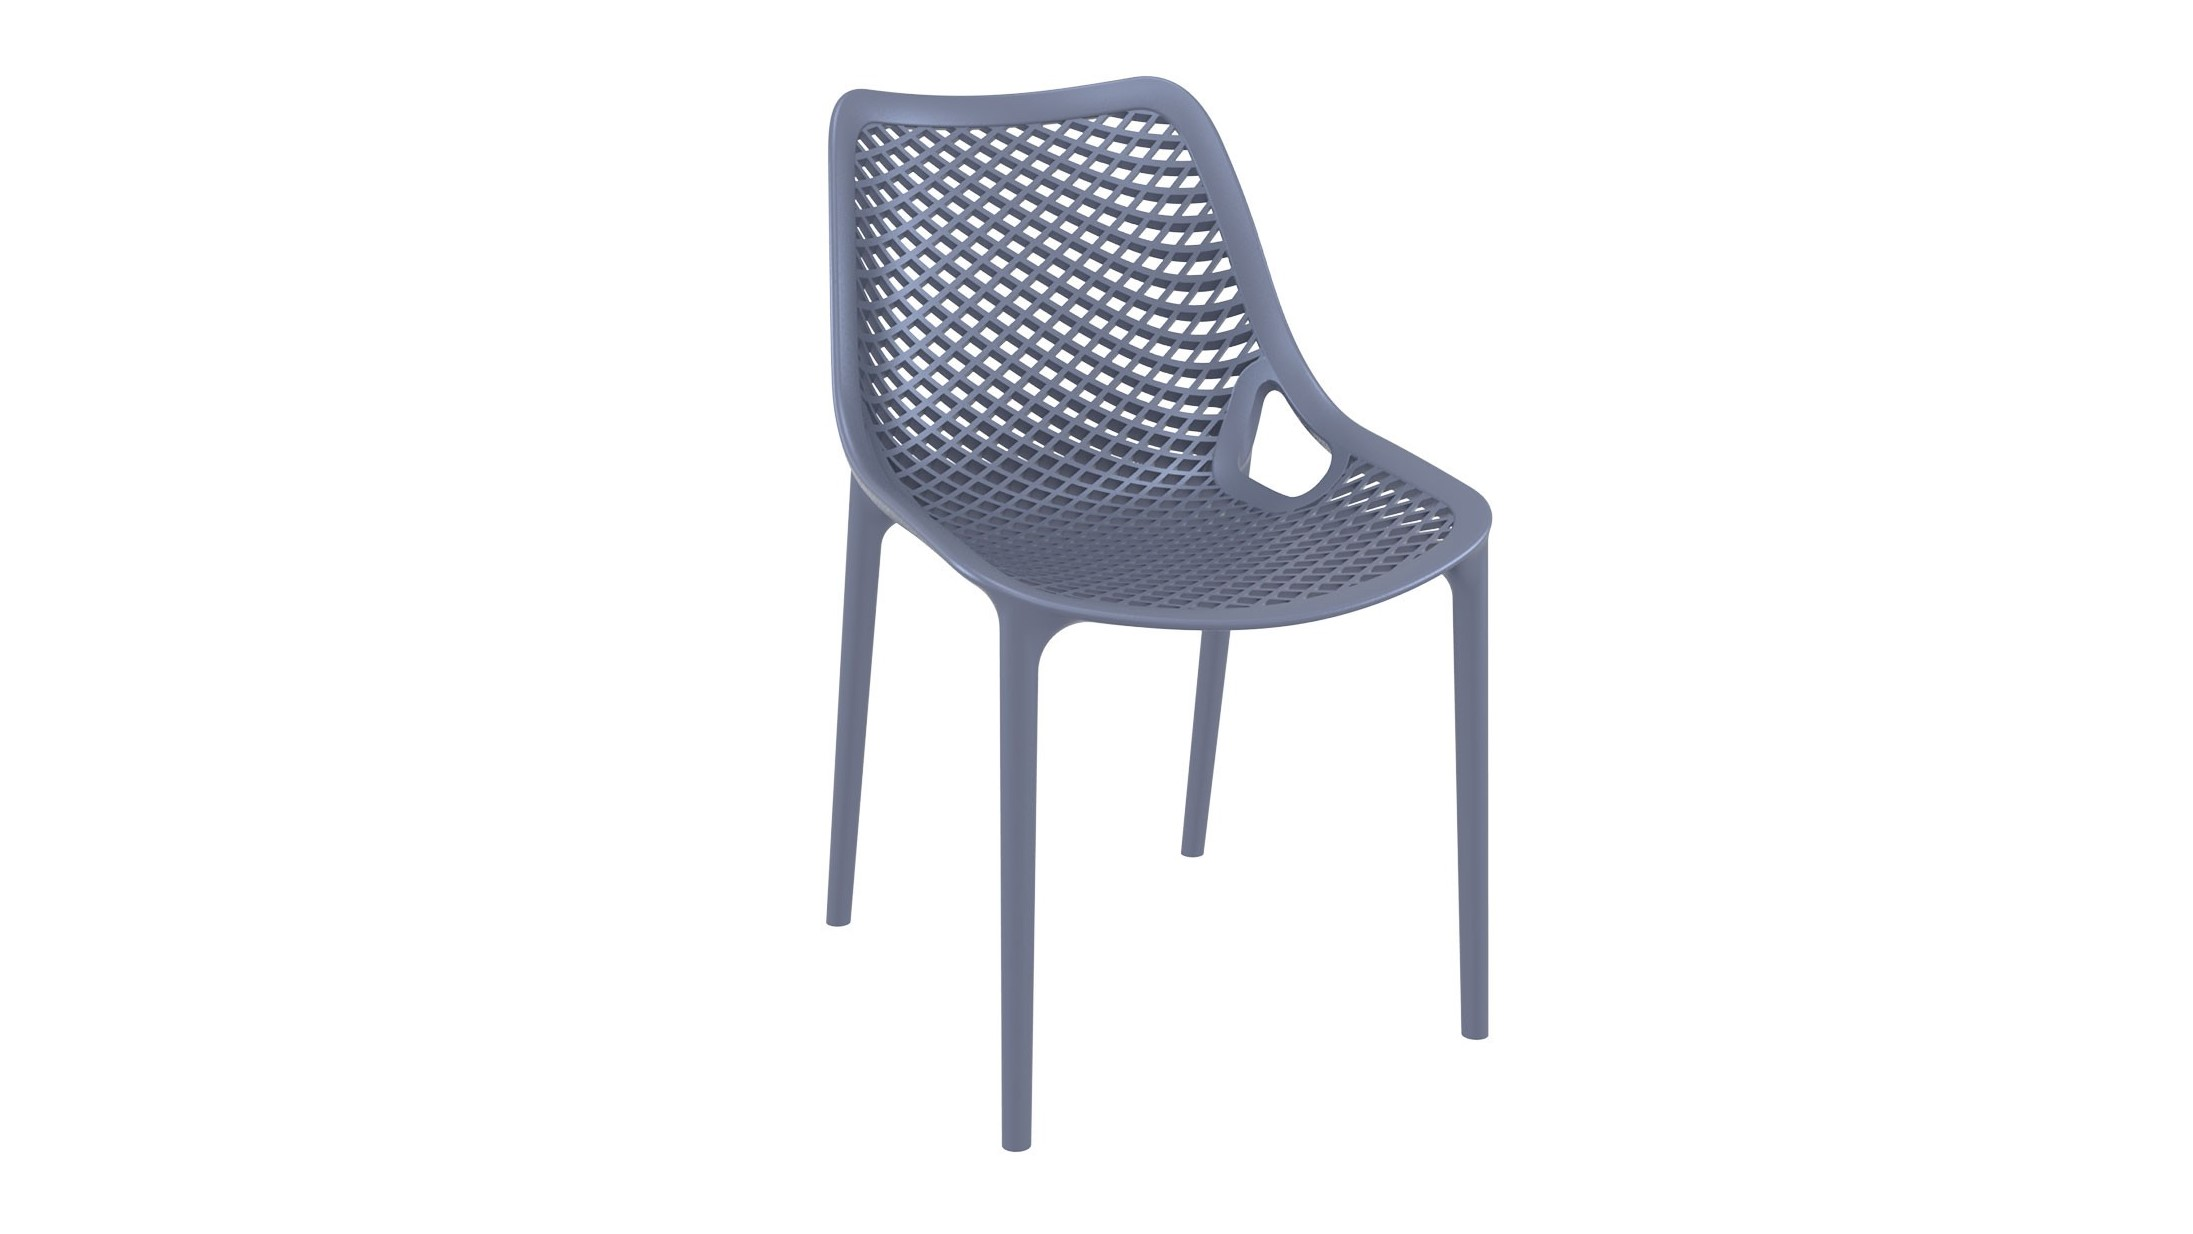 OakLand │SKY Lounge stol │STØRST UTVALG BEST PRIS